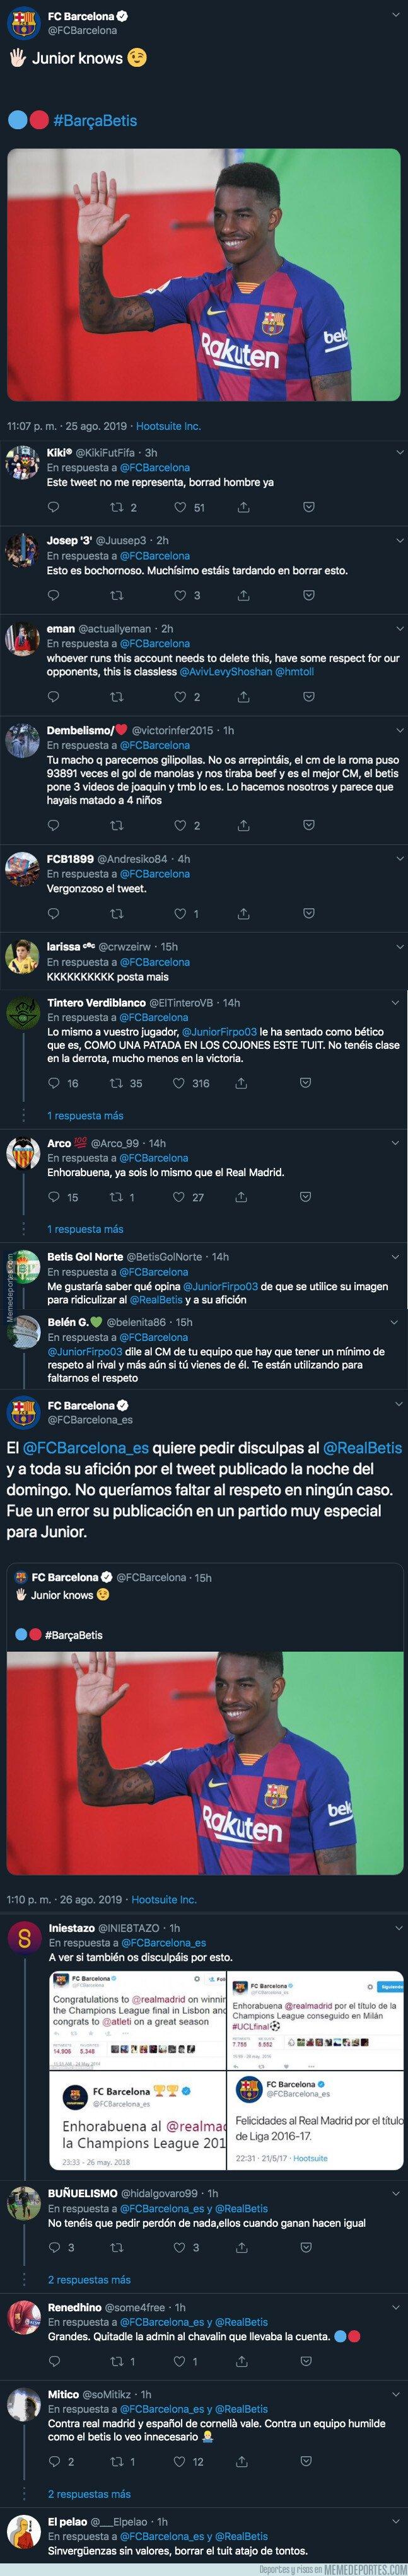 1084270 - El Barça ha tenido que salir a pedir perdón por este tuit que escribieron con la imagen de Junior Firpo tras ganar 5-2